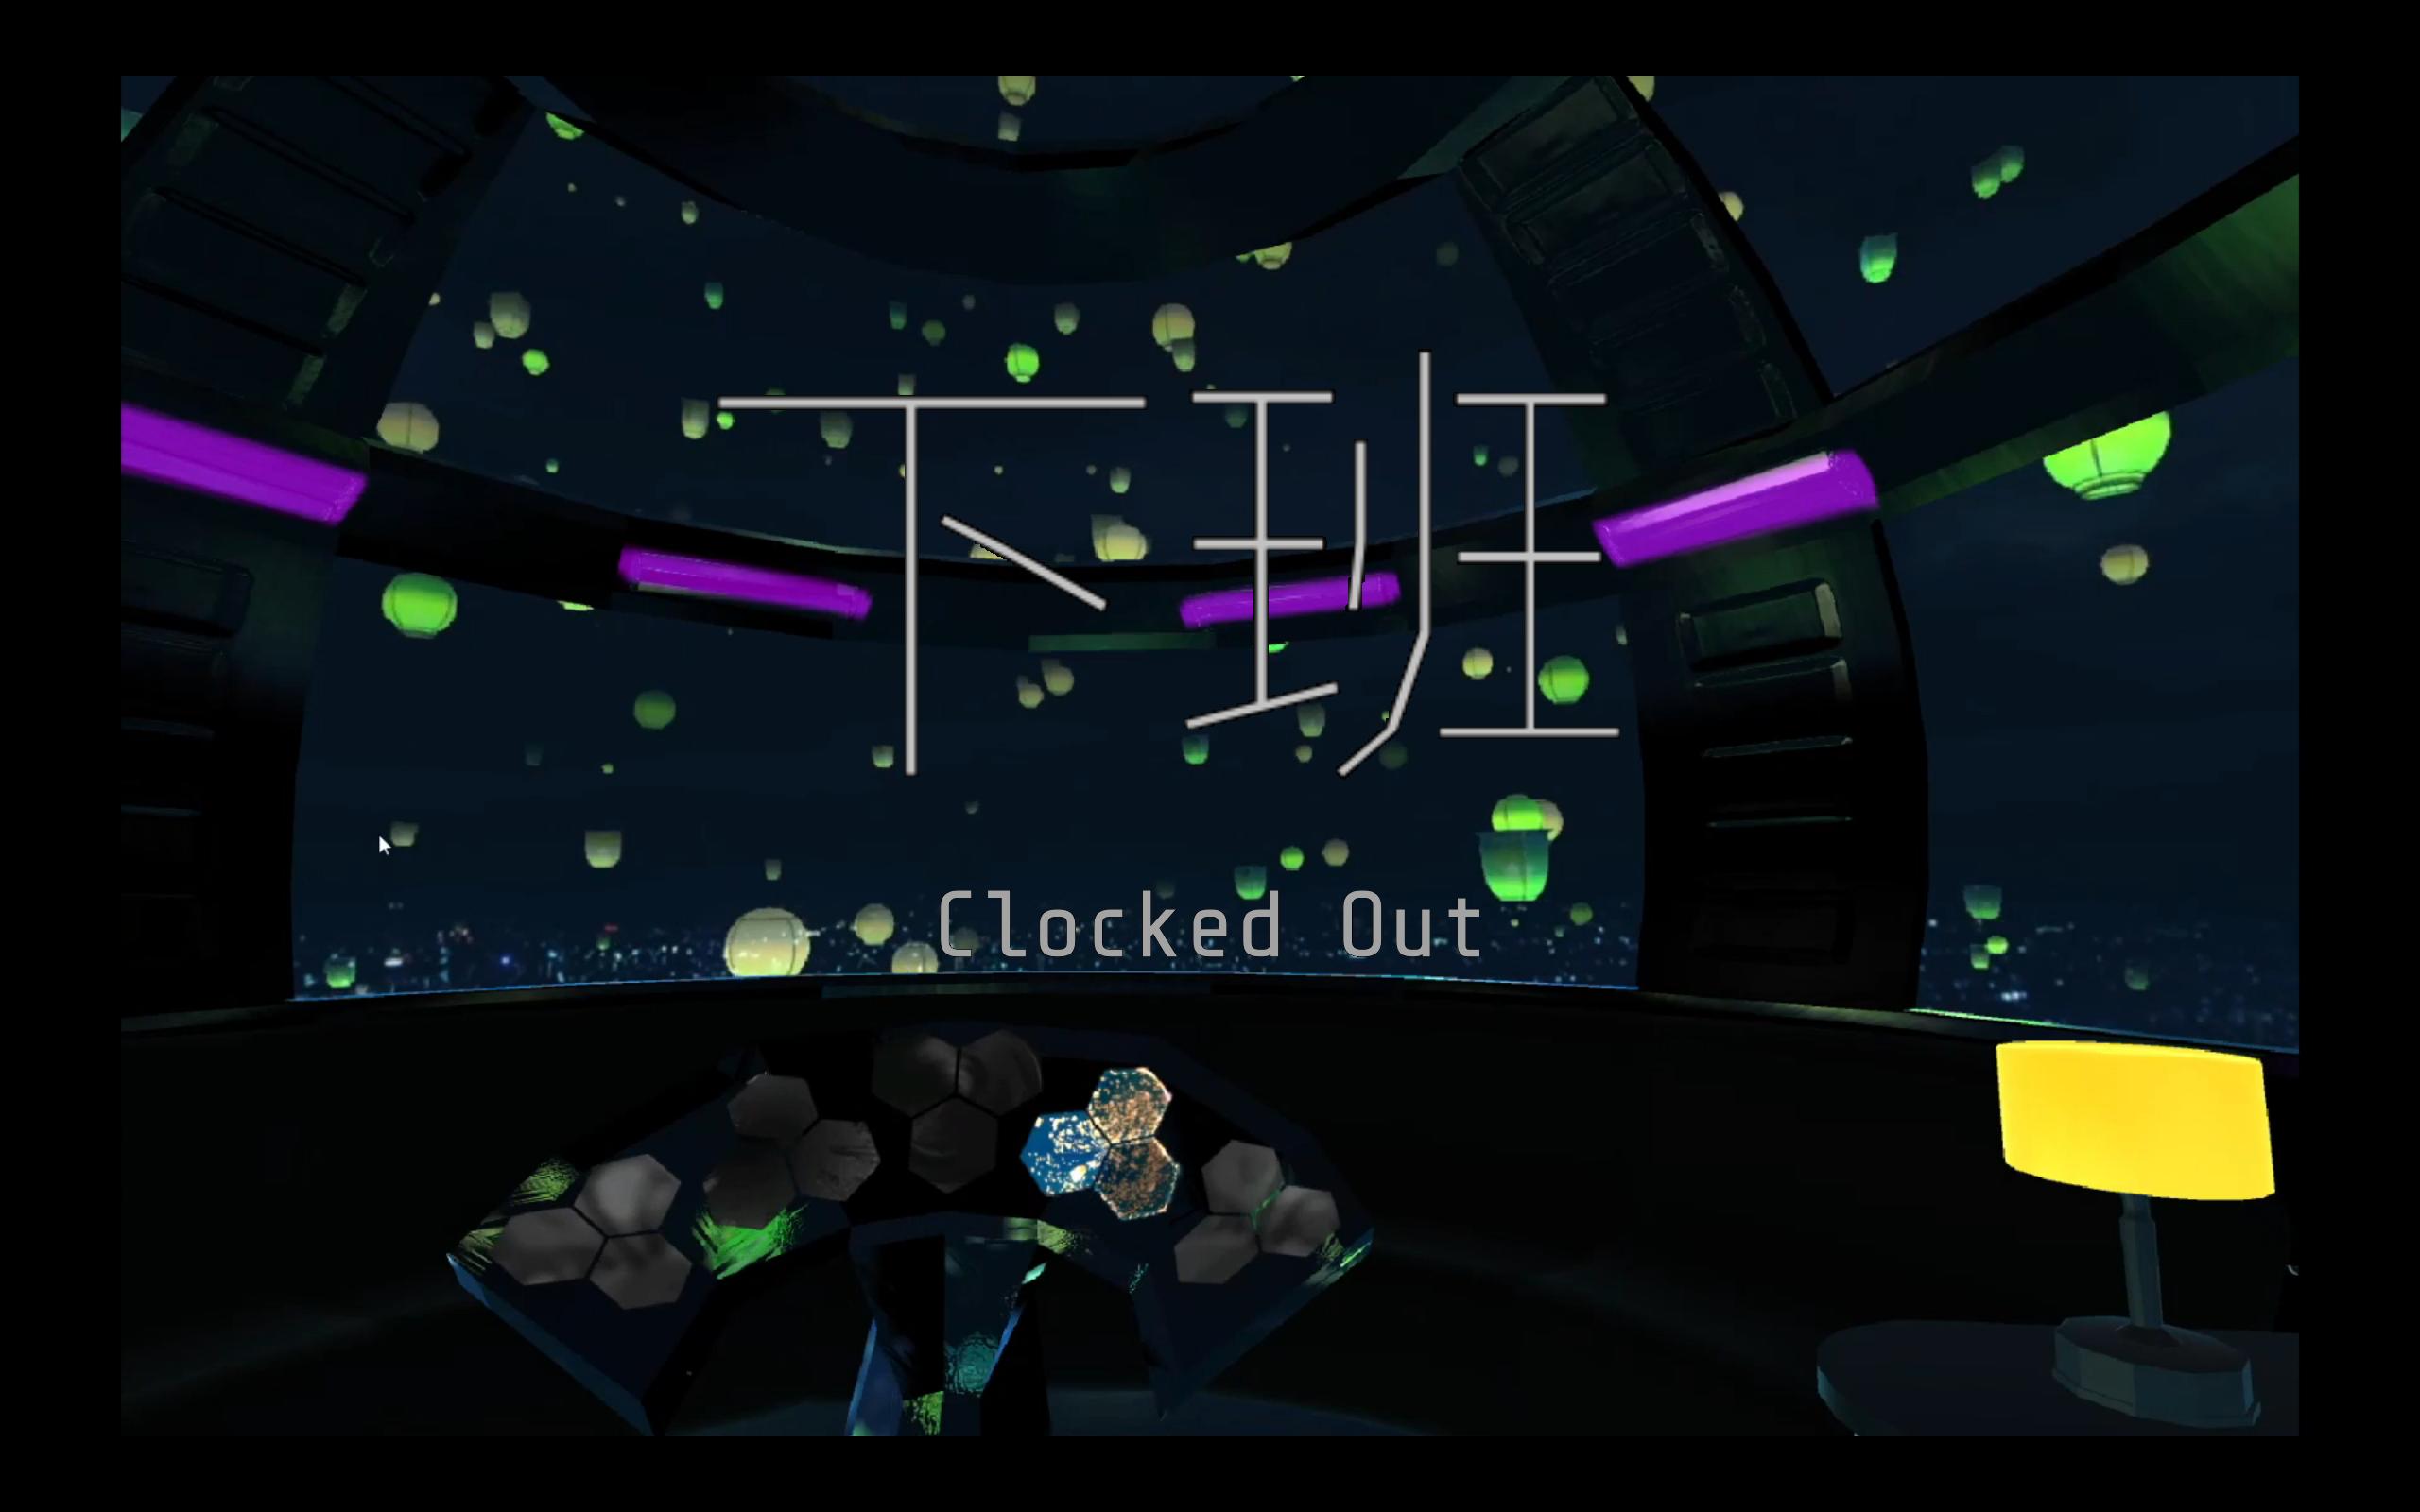 下班(Clocked Out)